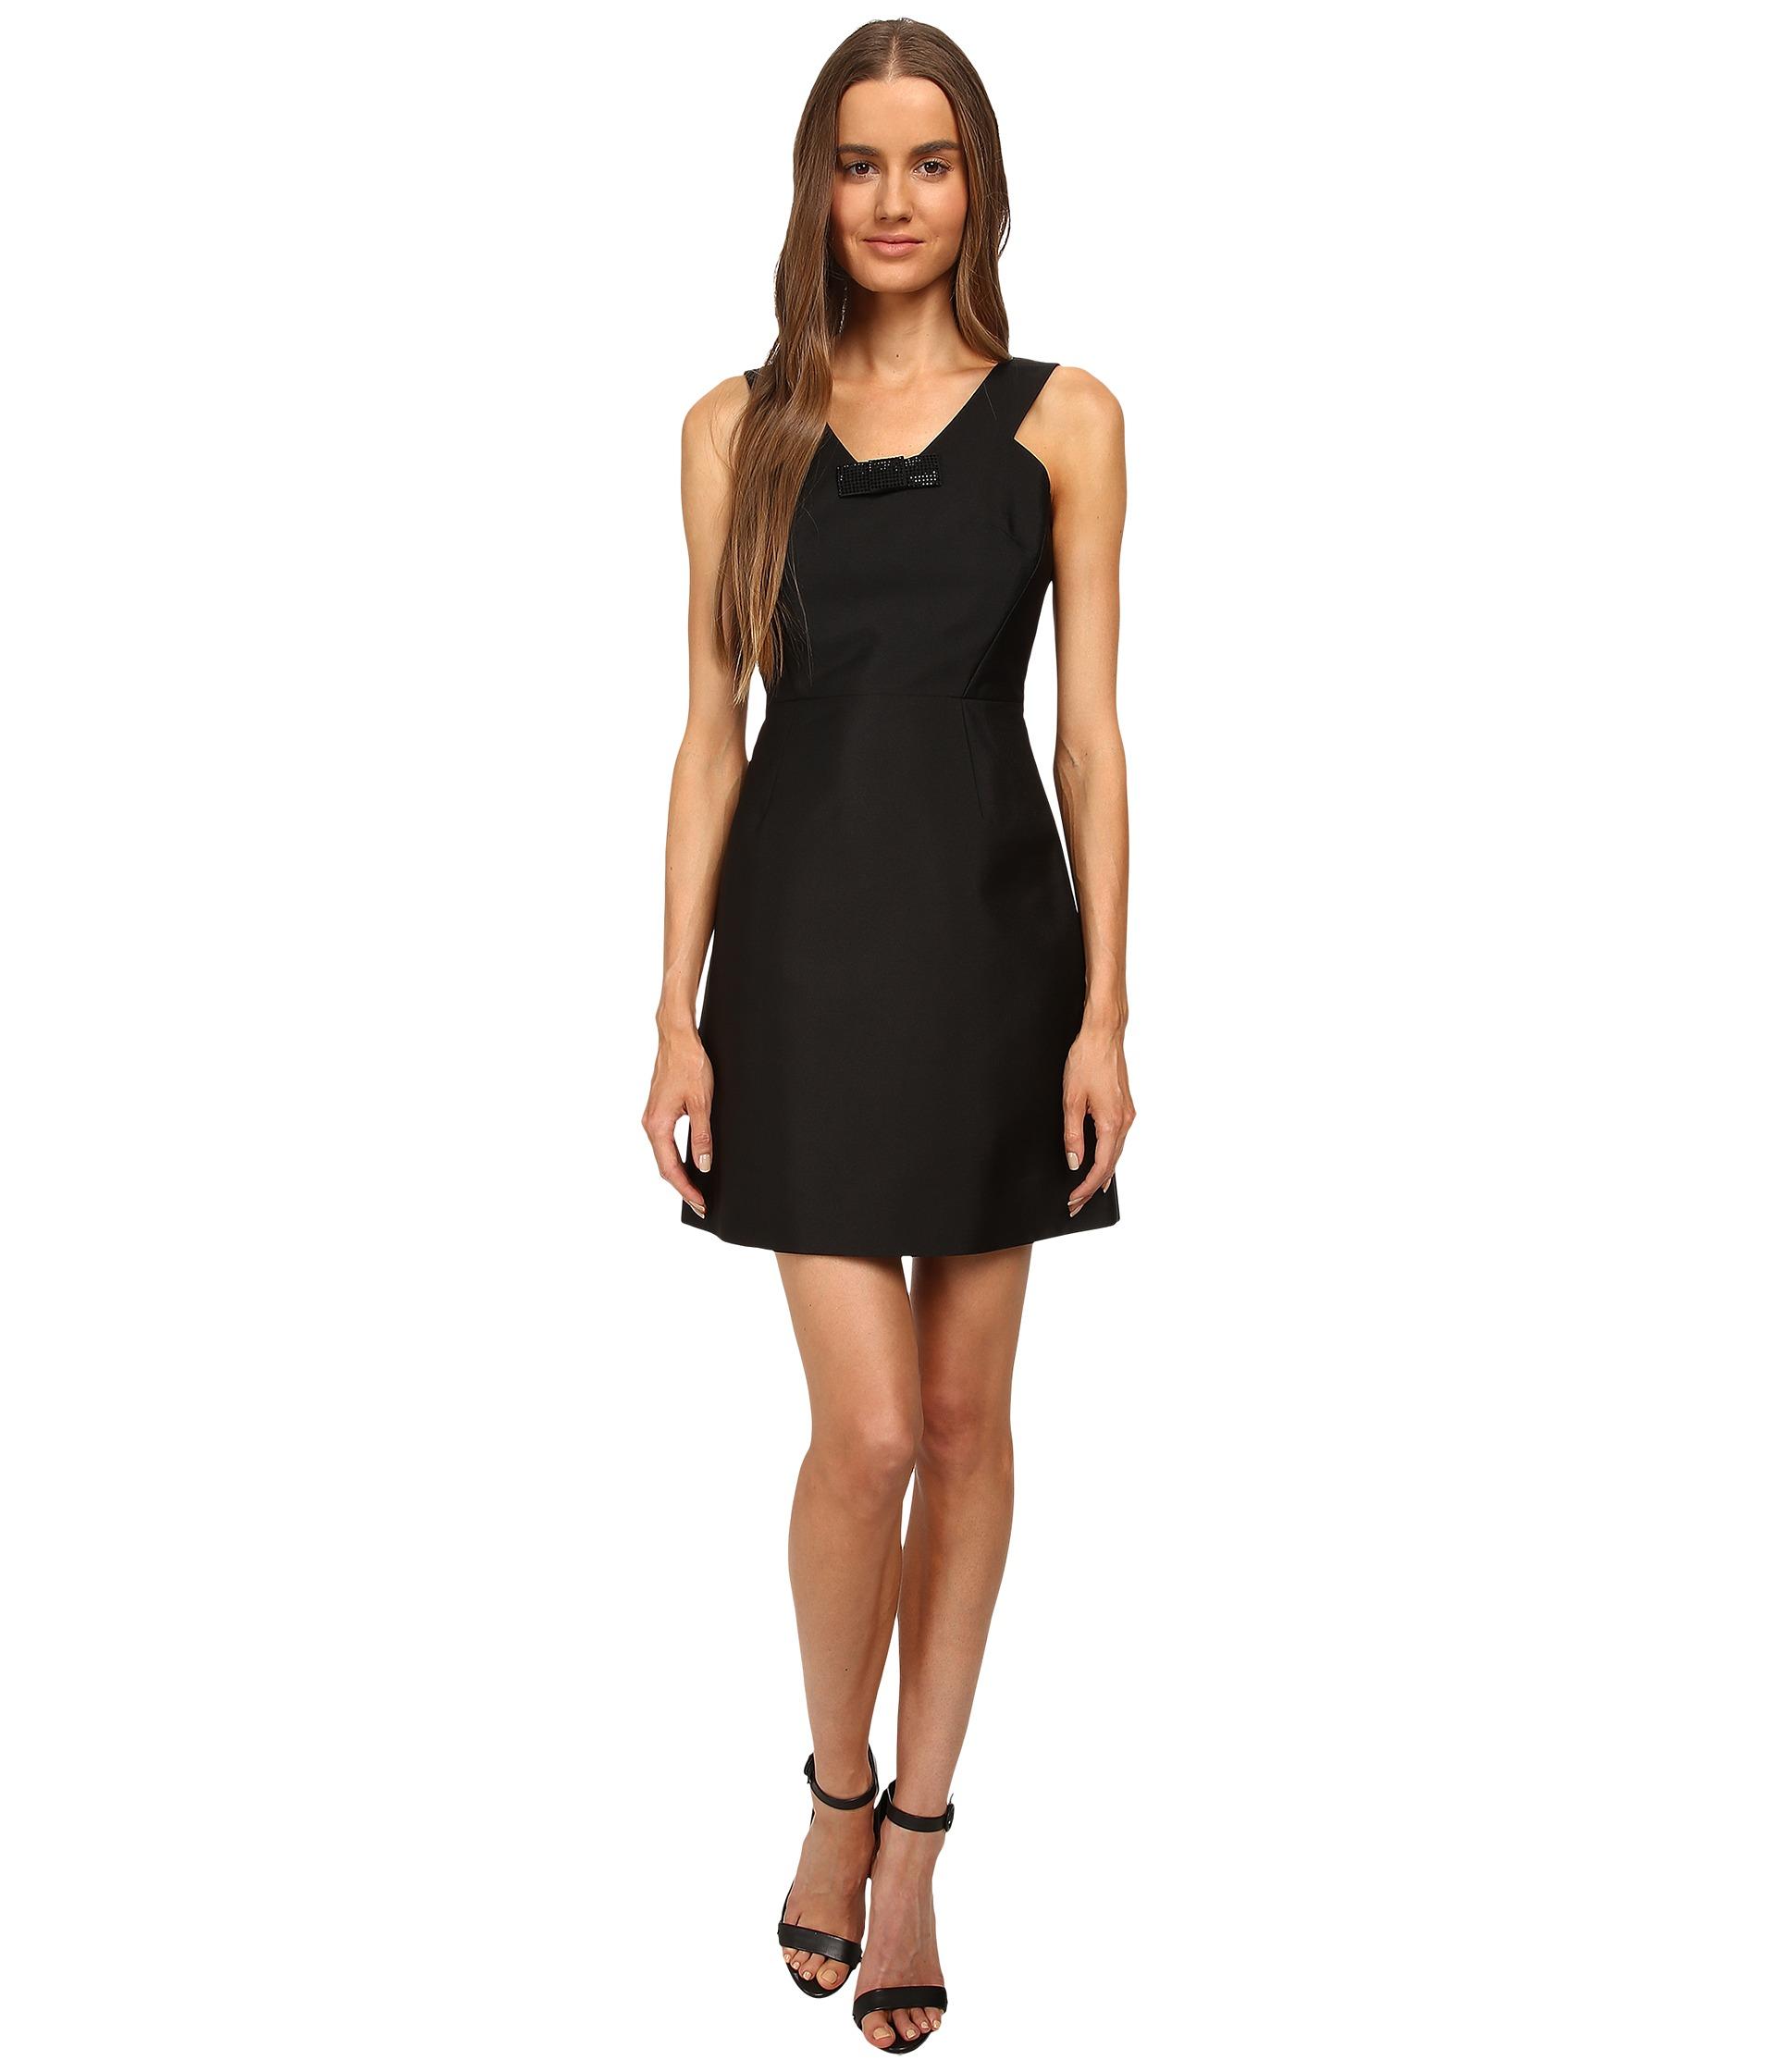 c8f0ea2d74f Kate Spade New York Pave Mini Bow Dress Black on PopScreen